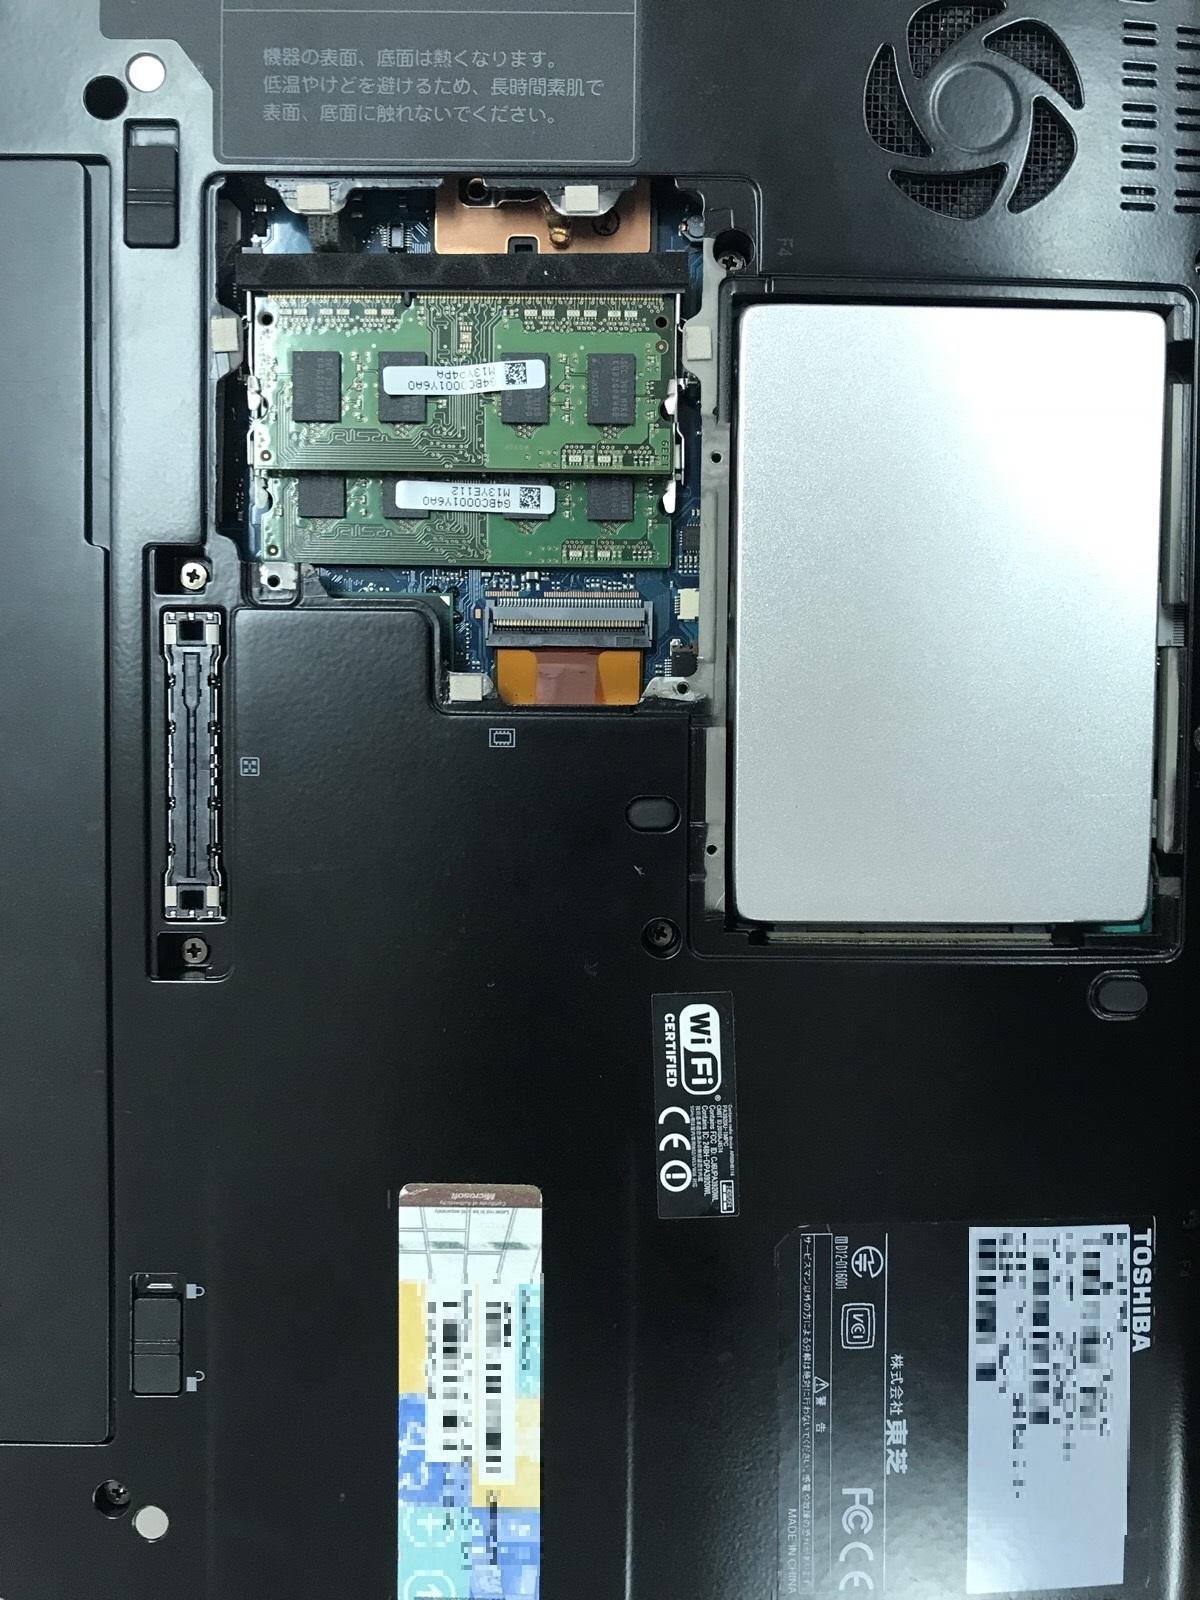 福岡県福岡市東区 ノートパソコンが起動しない/東芝 Windows 10のイメージ